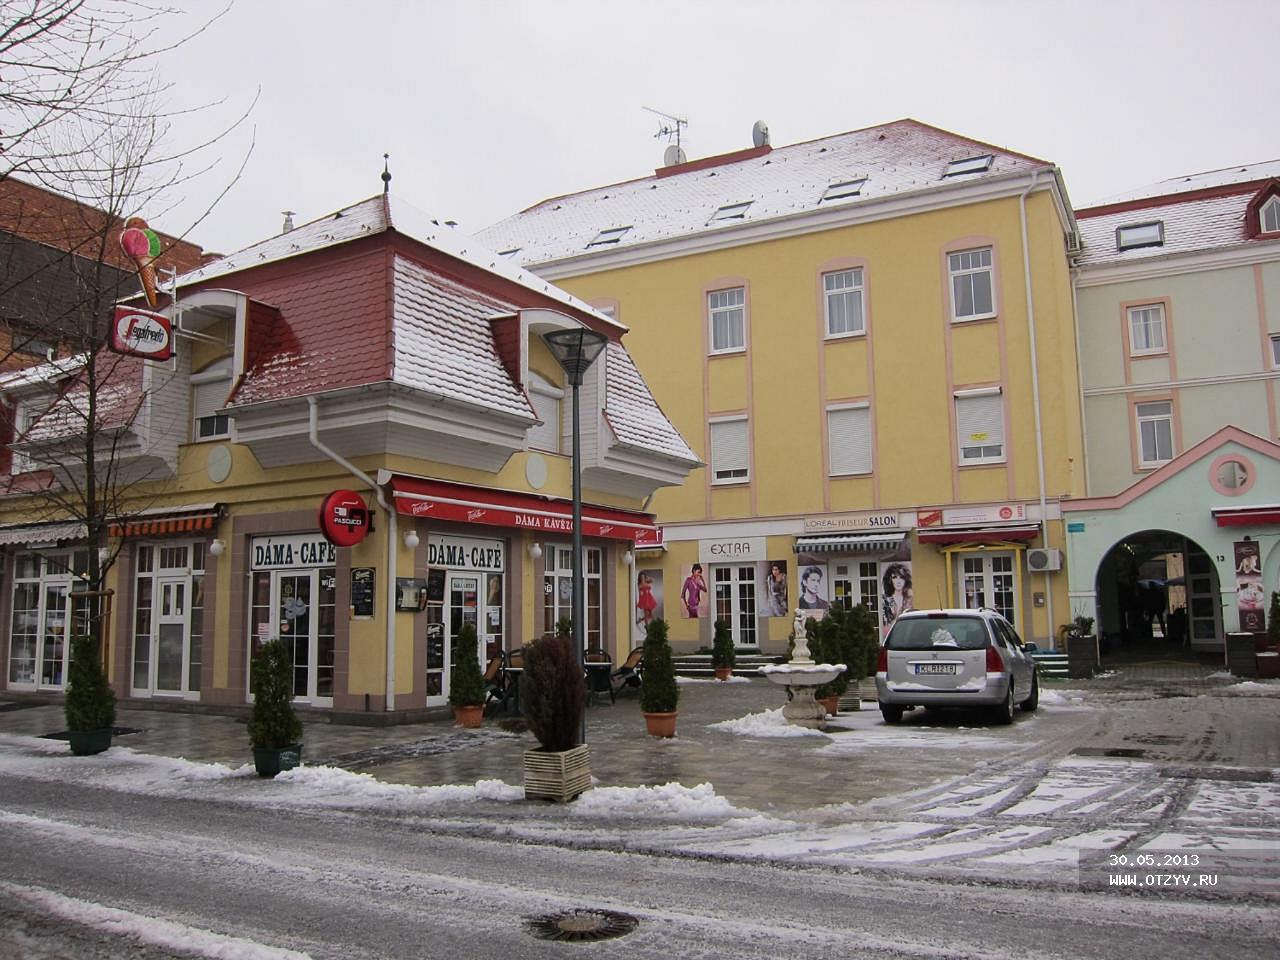 Отель Palace Hotel Heviz 4* (Хевиз, Венгрия) – отзывы